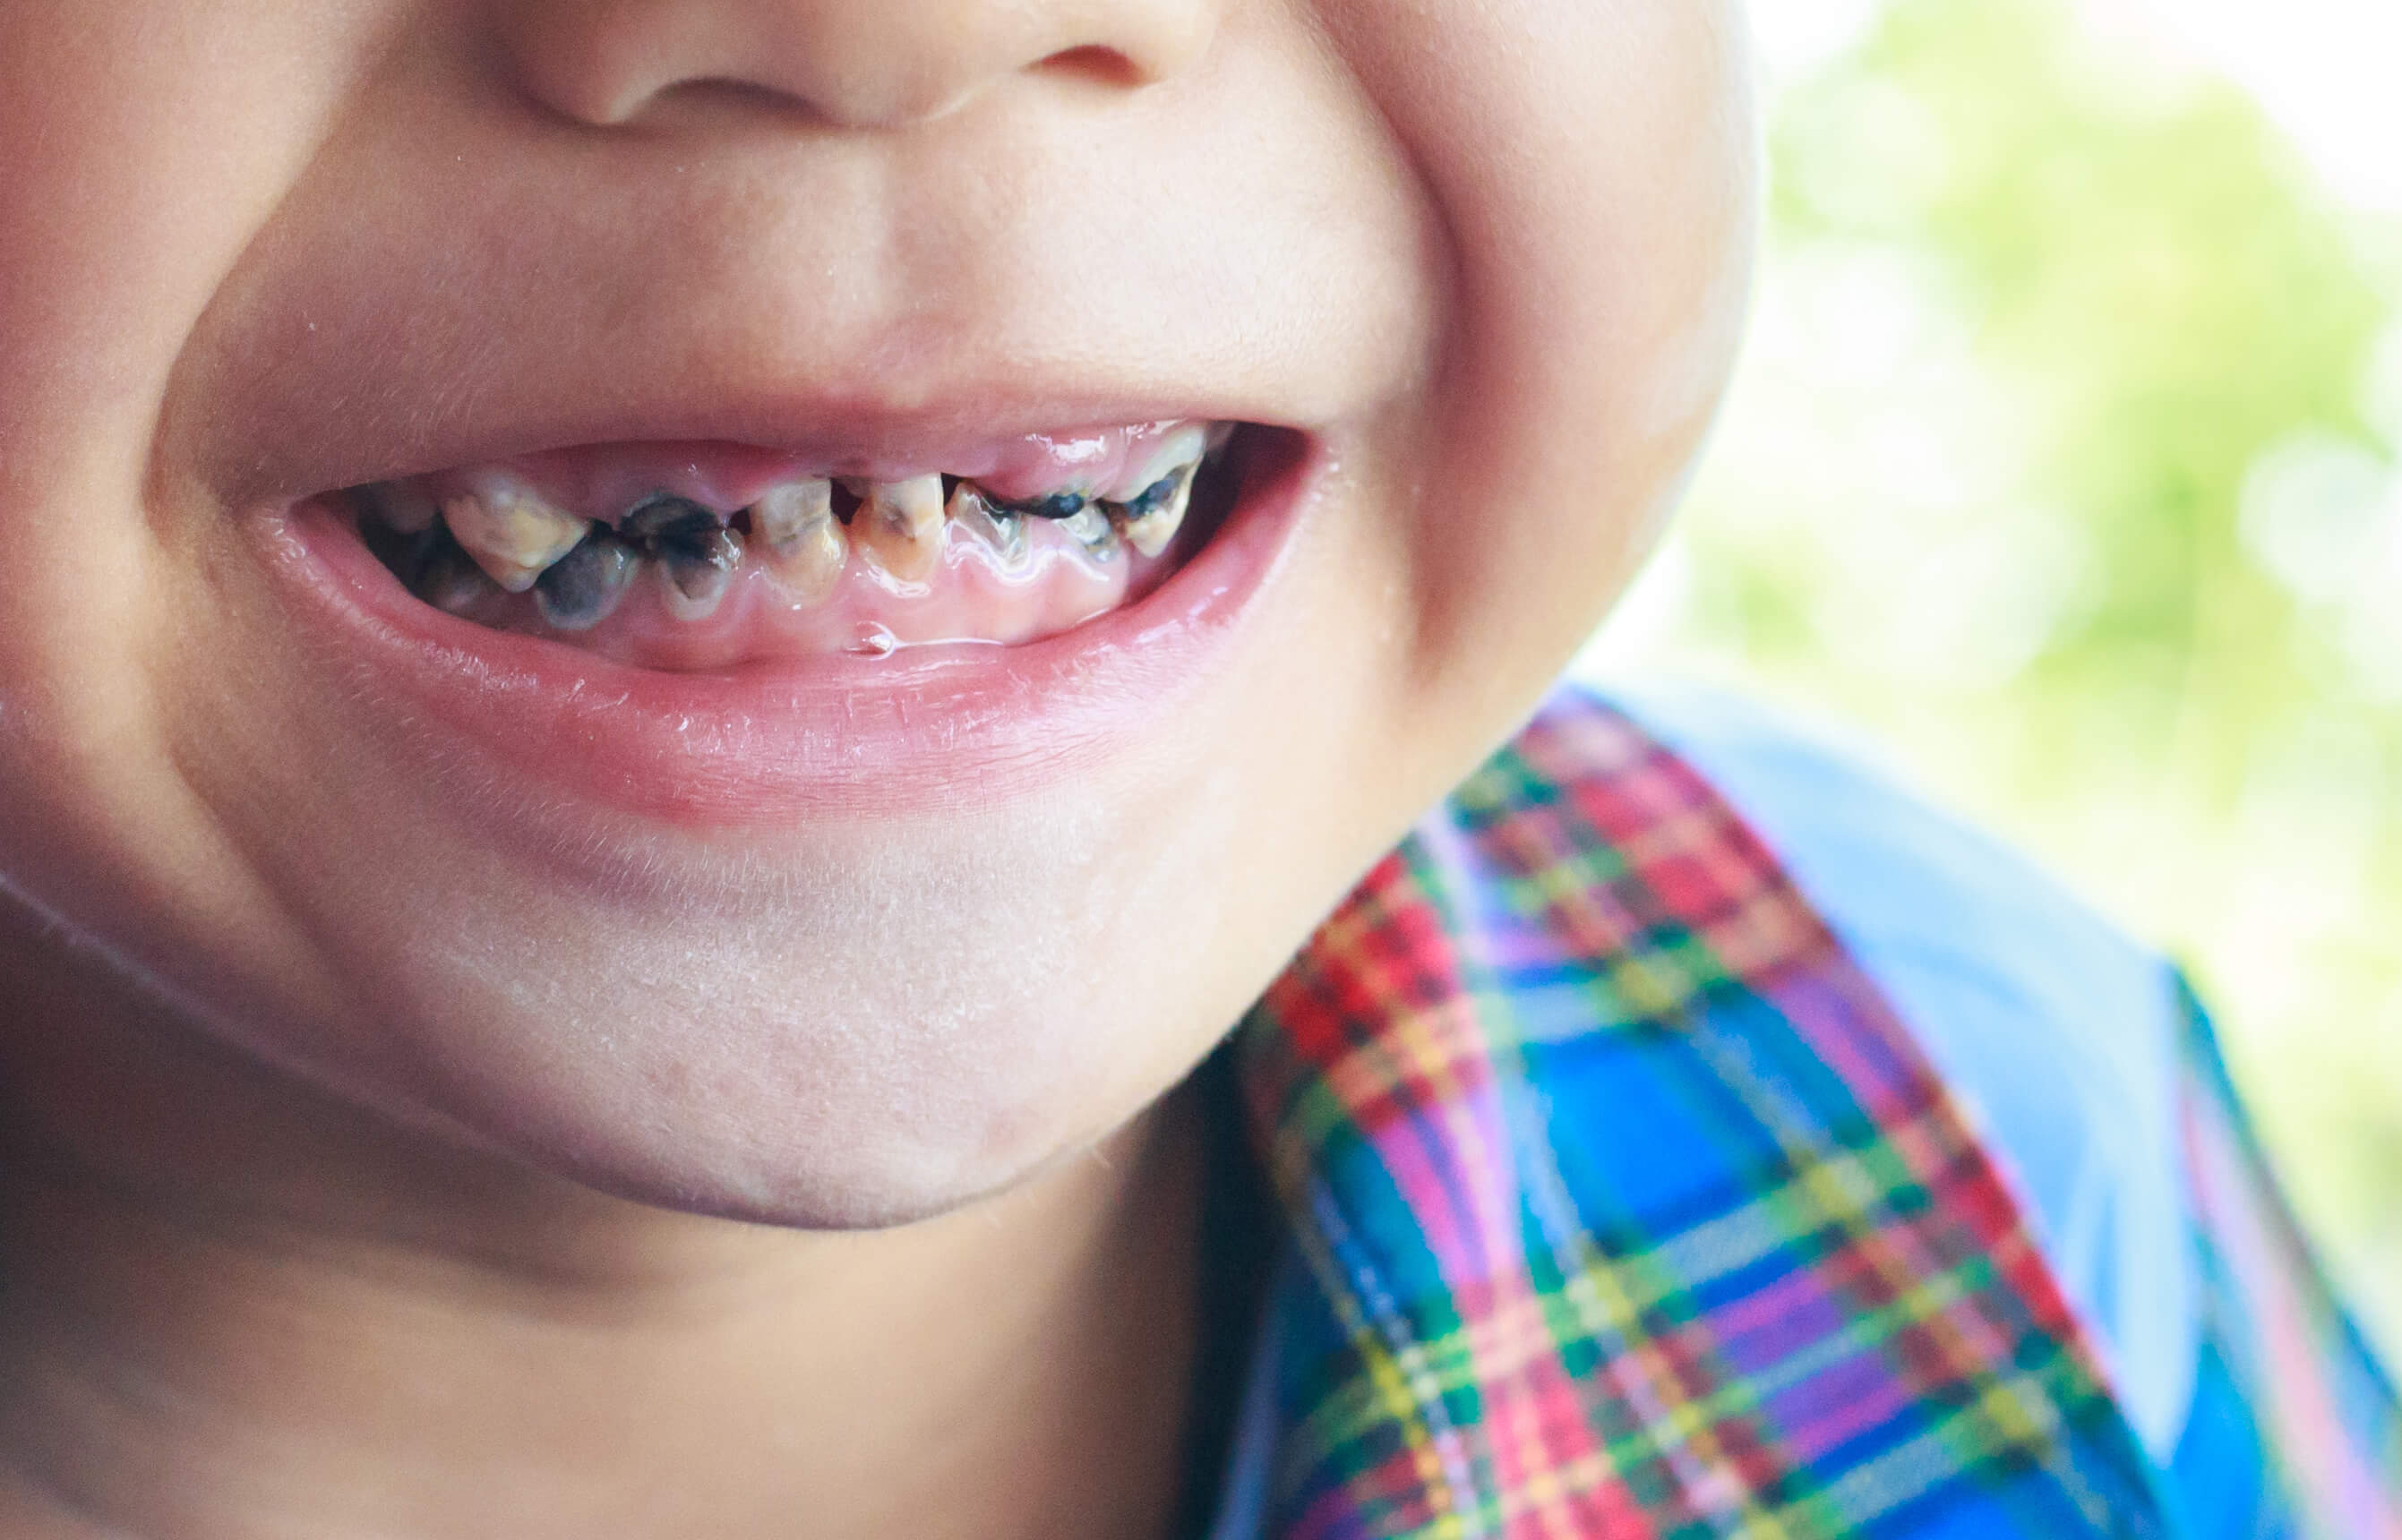 Kids Rotten Teeth